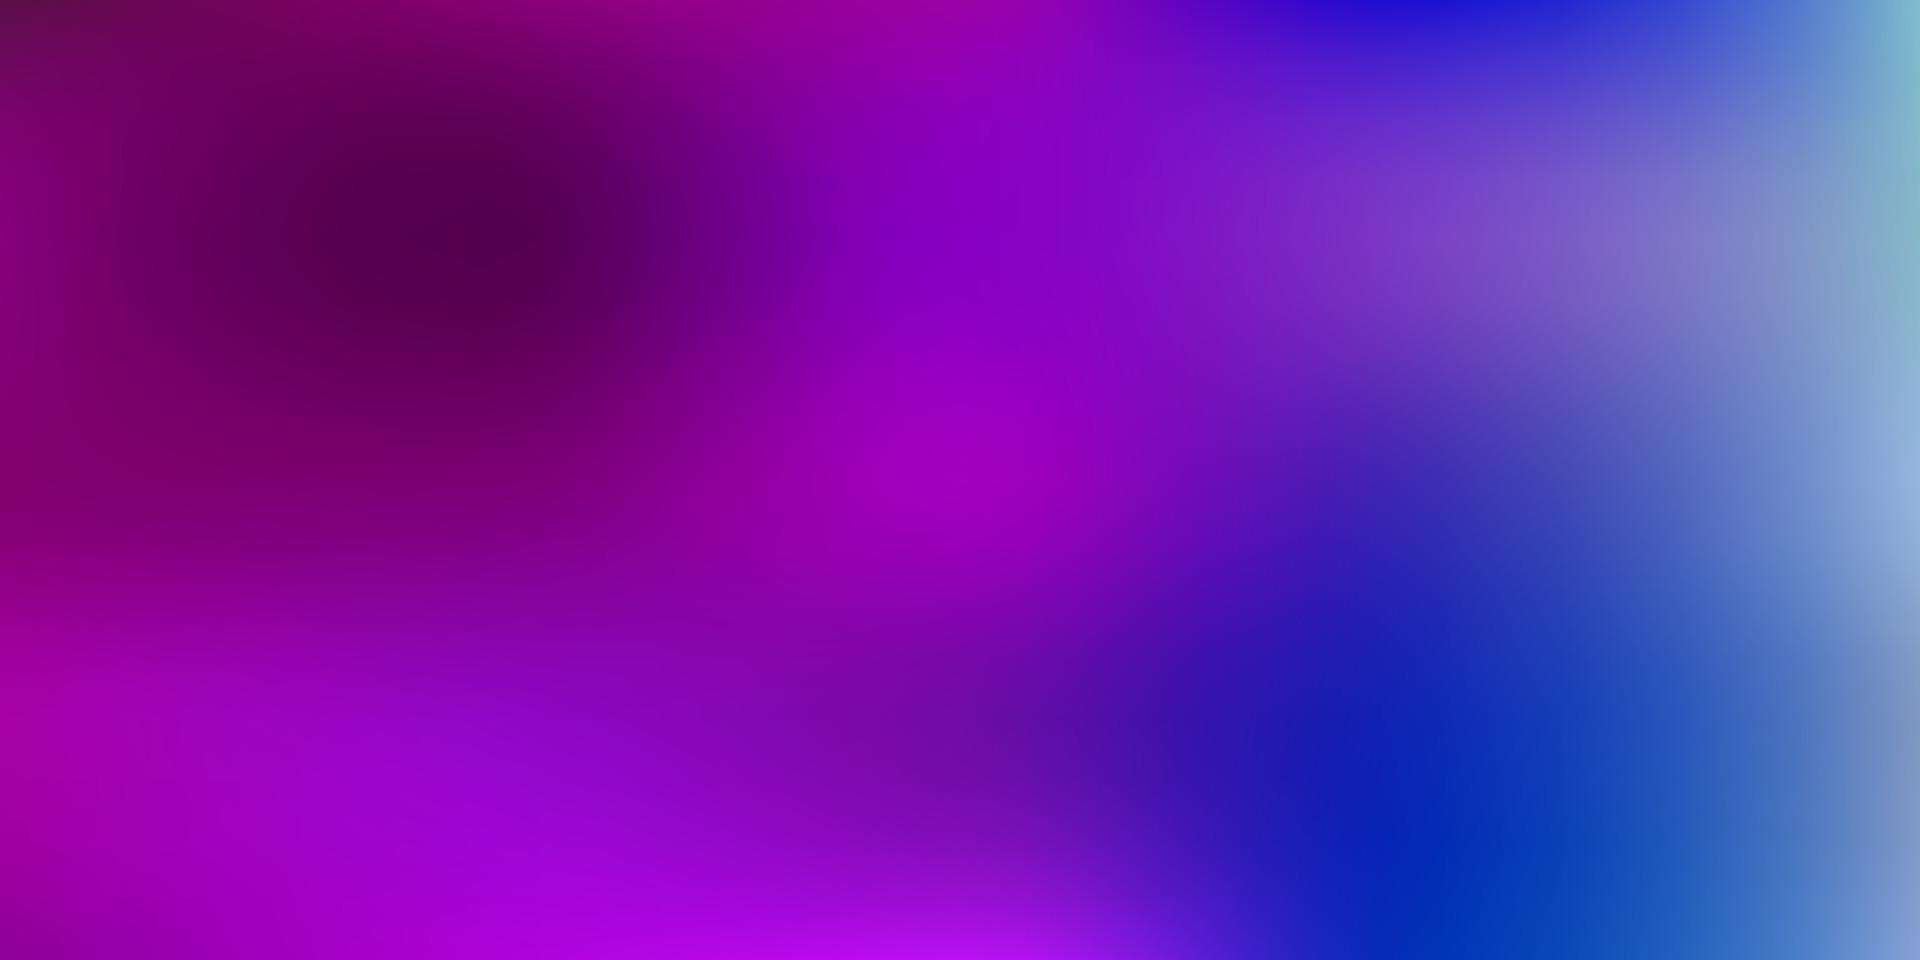 Fondo de desenfoque degradado de vector rosa claro, azul.